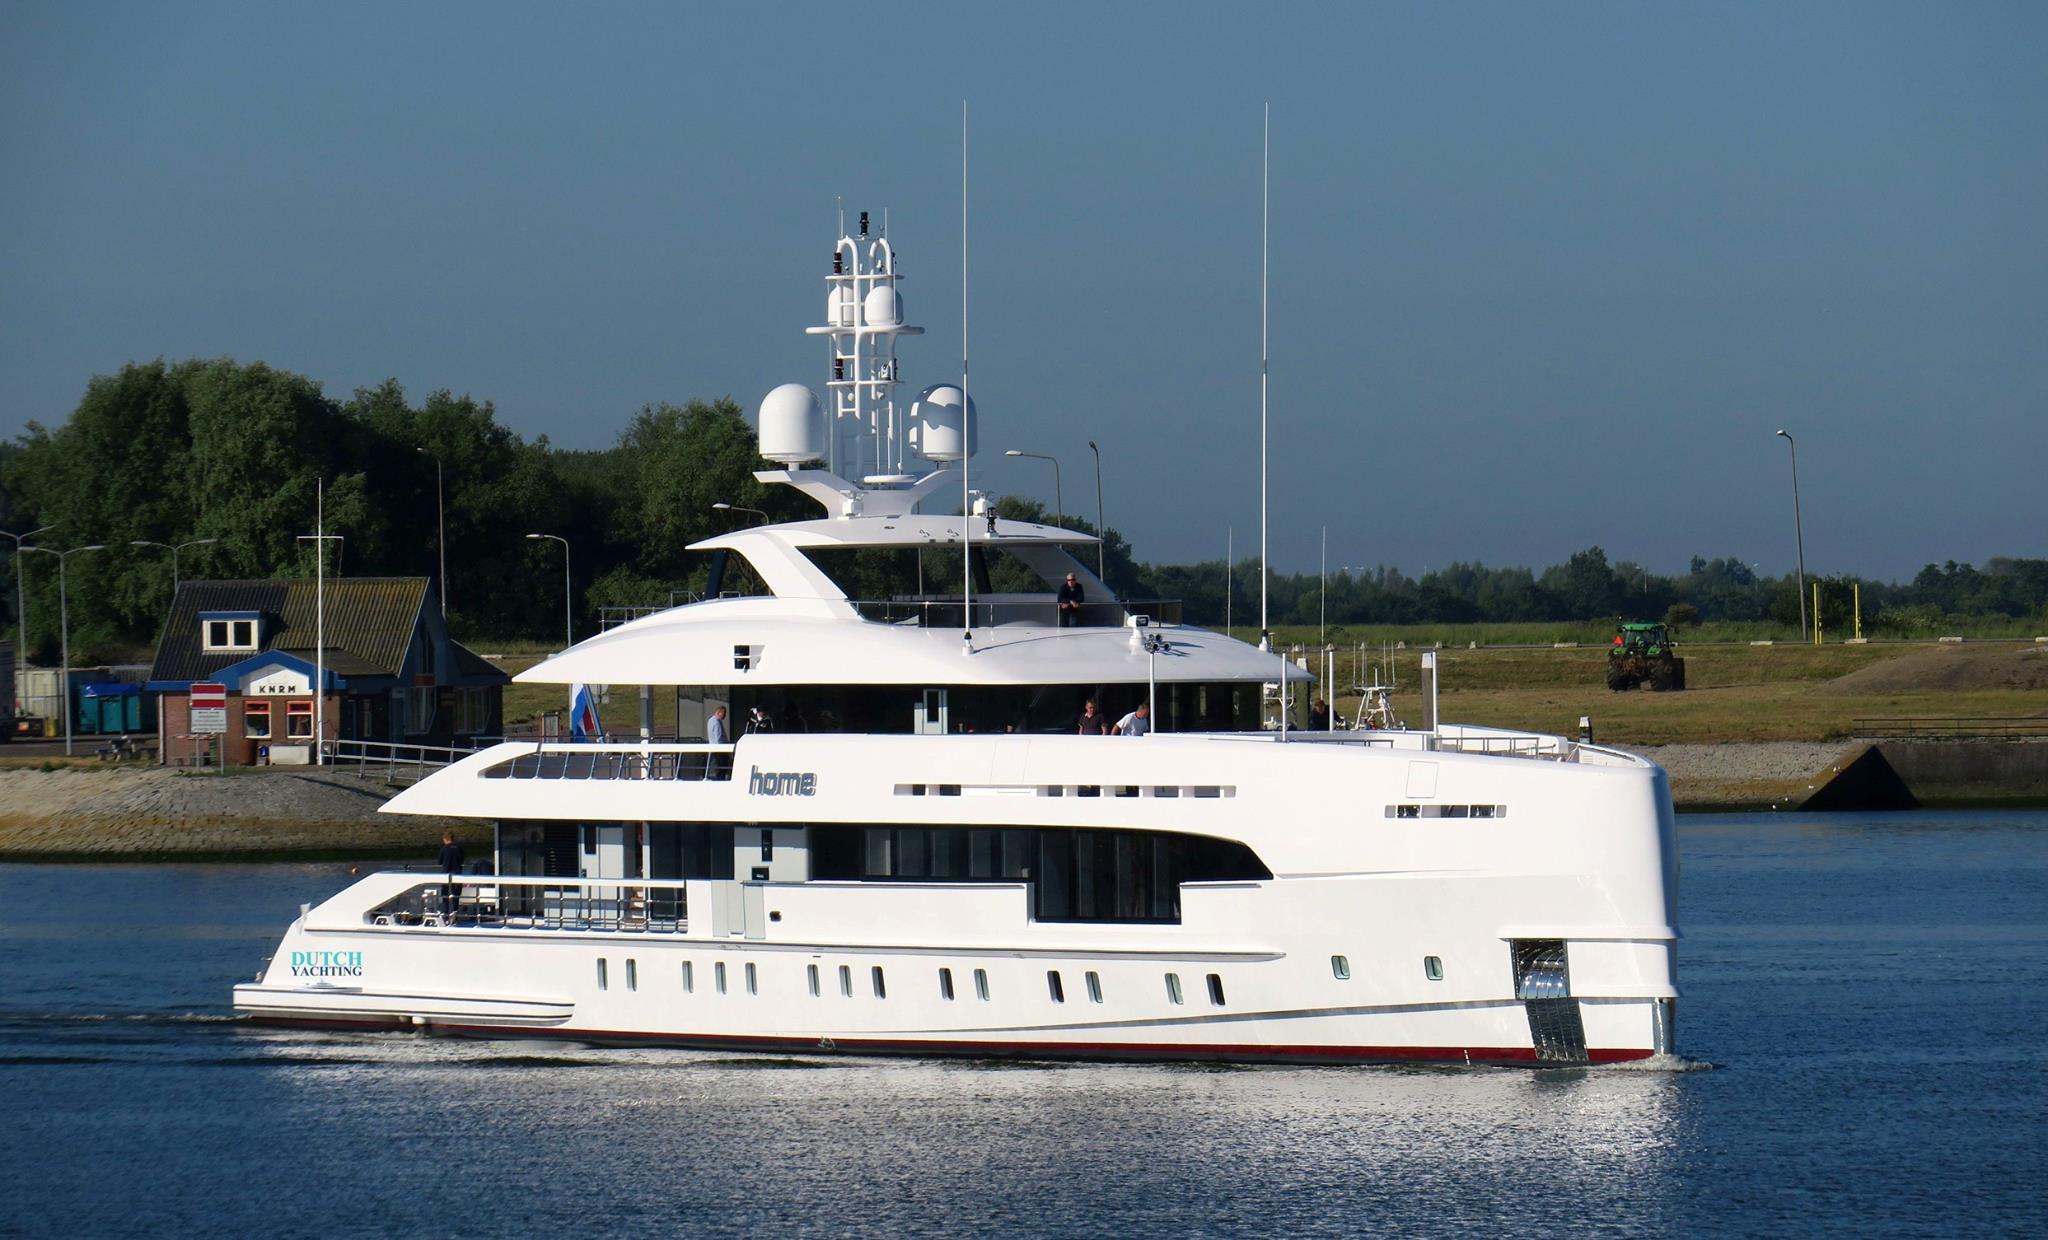 Heesen Home undergoing sea trials - Yacht Harbour